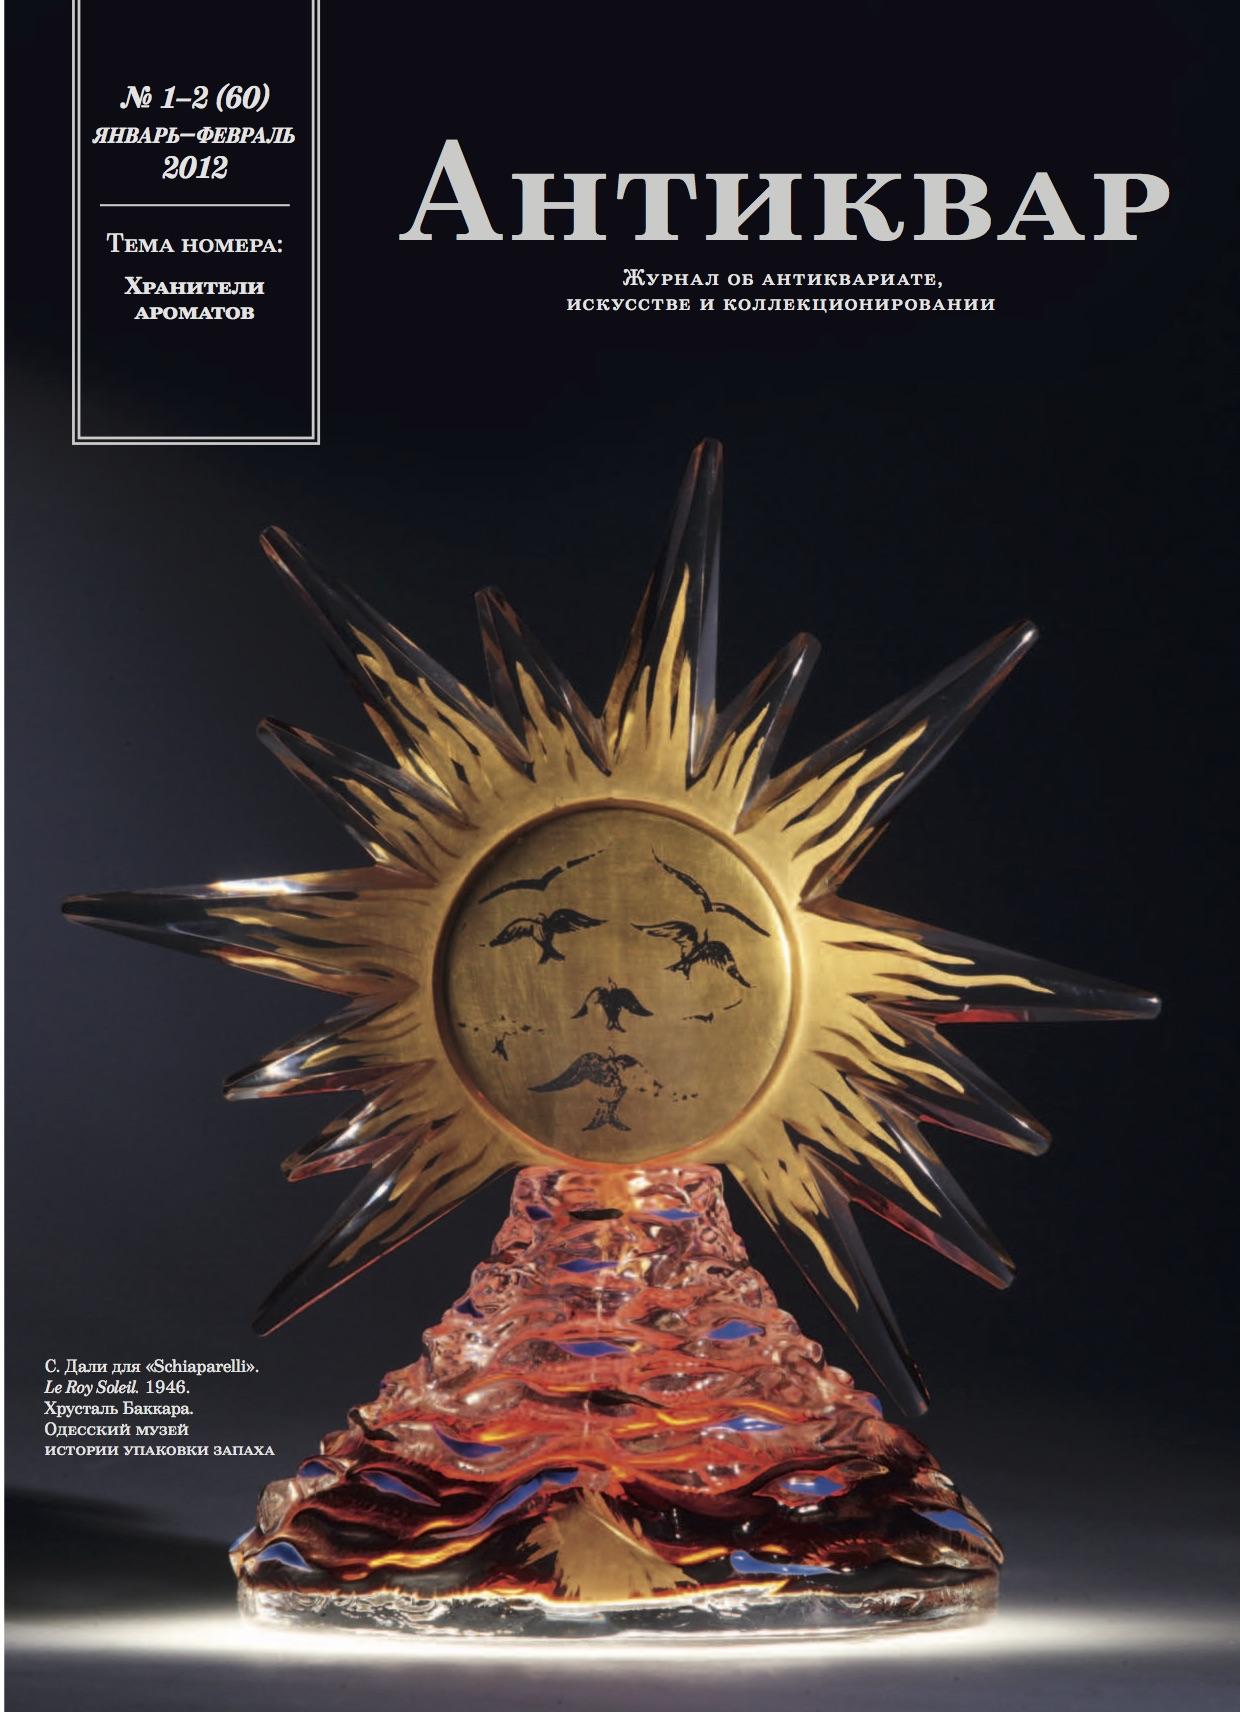 Журнал Антиквар #60: Хранители ароматов